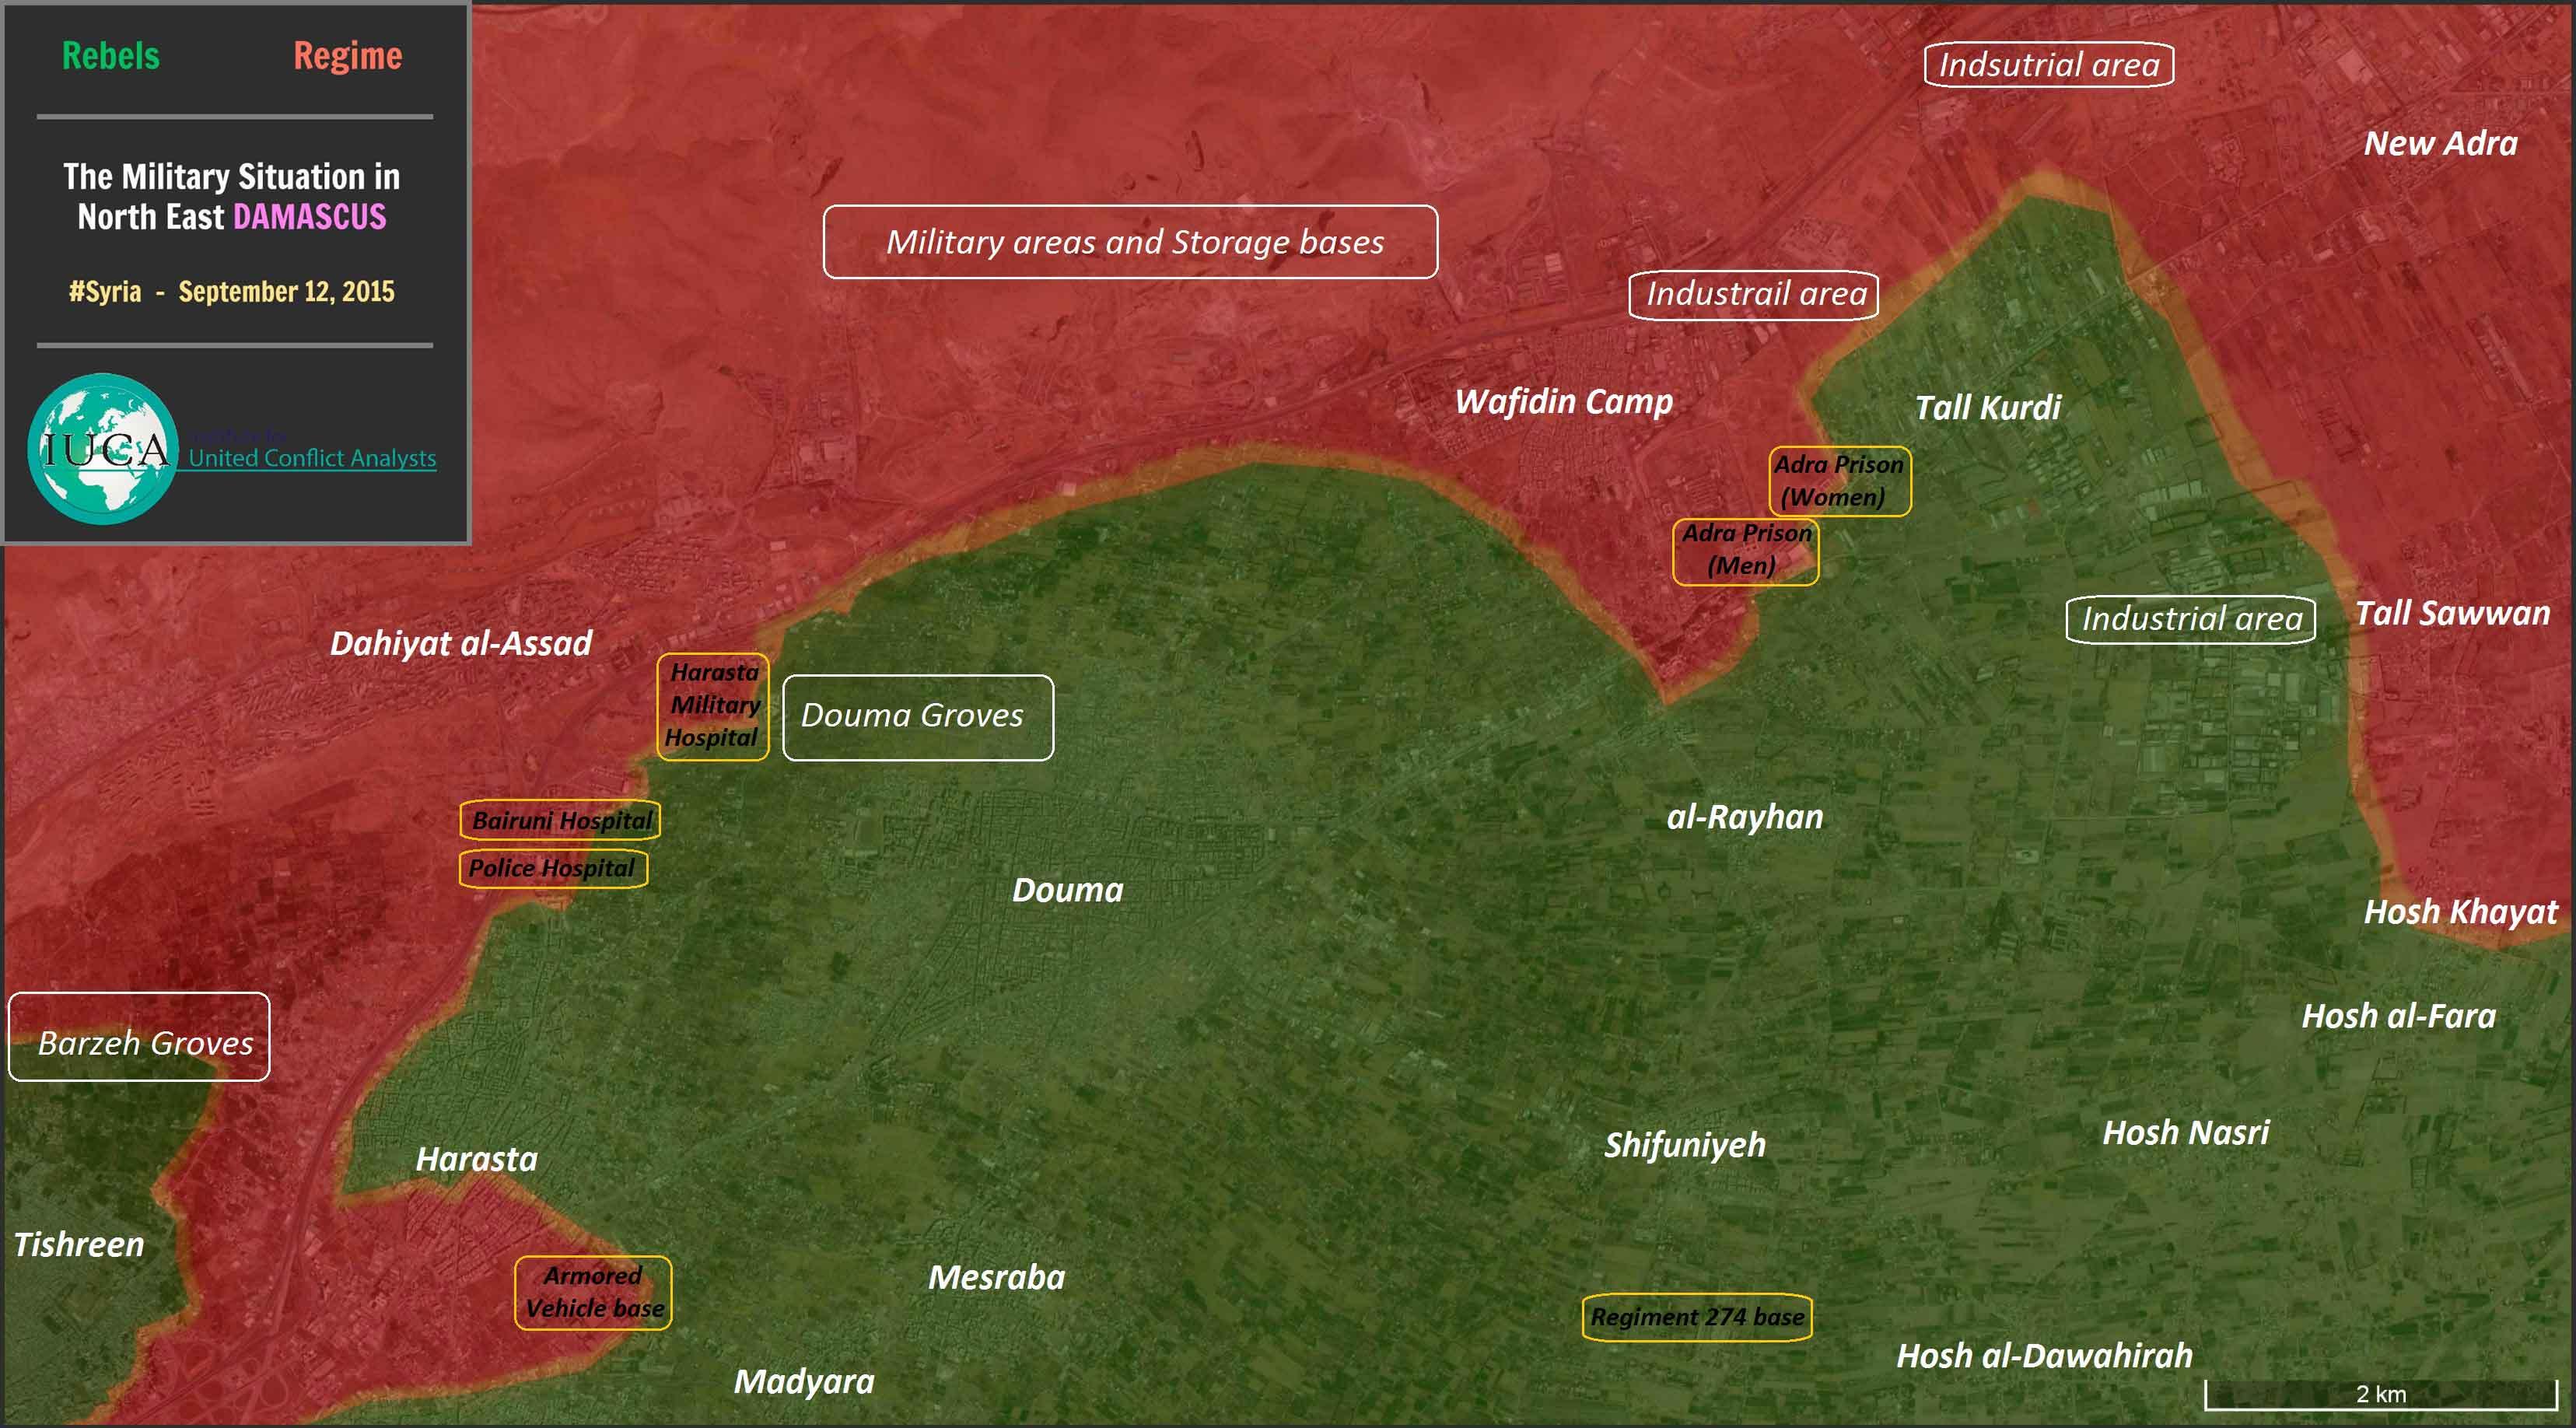 Подробная карта пригорода Дамаска, где разворачиваются события, с указанием контроля территории